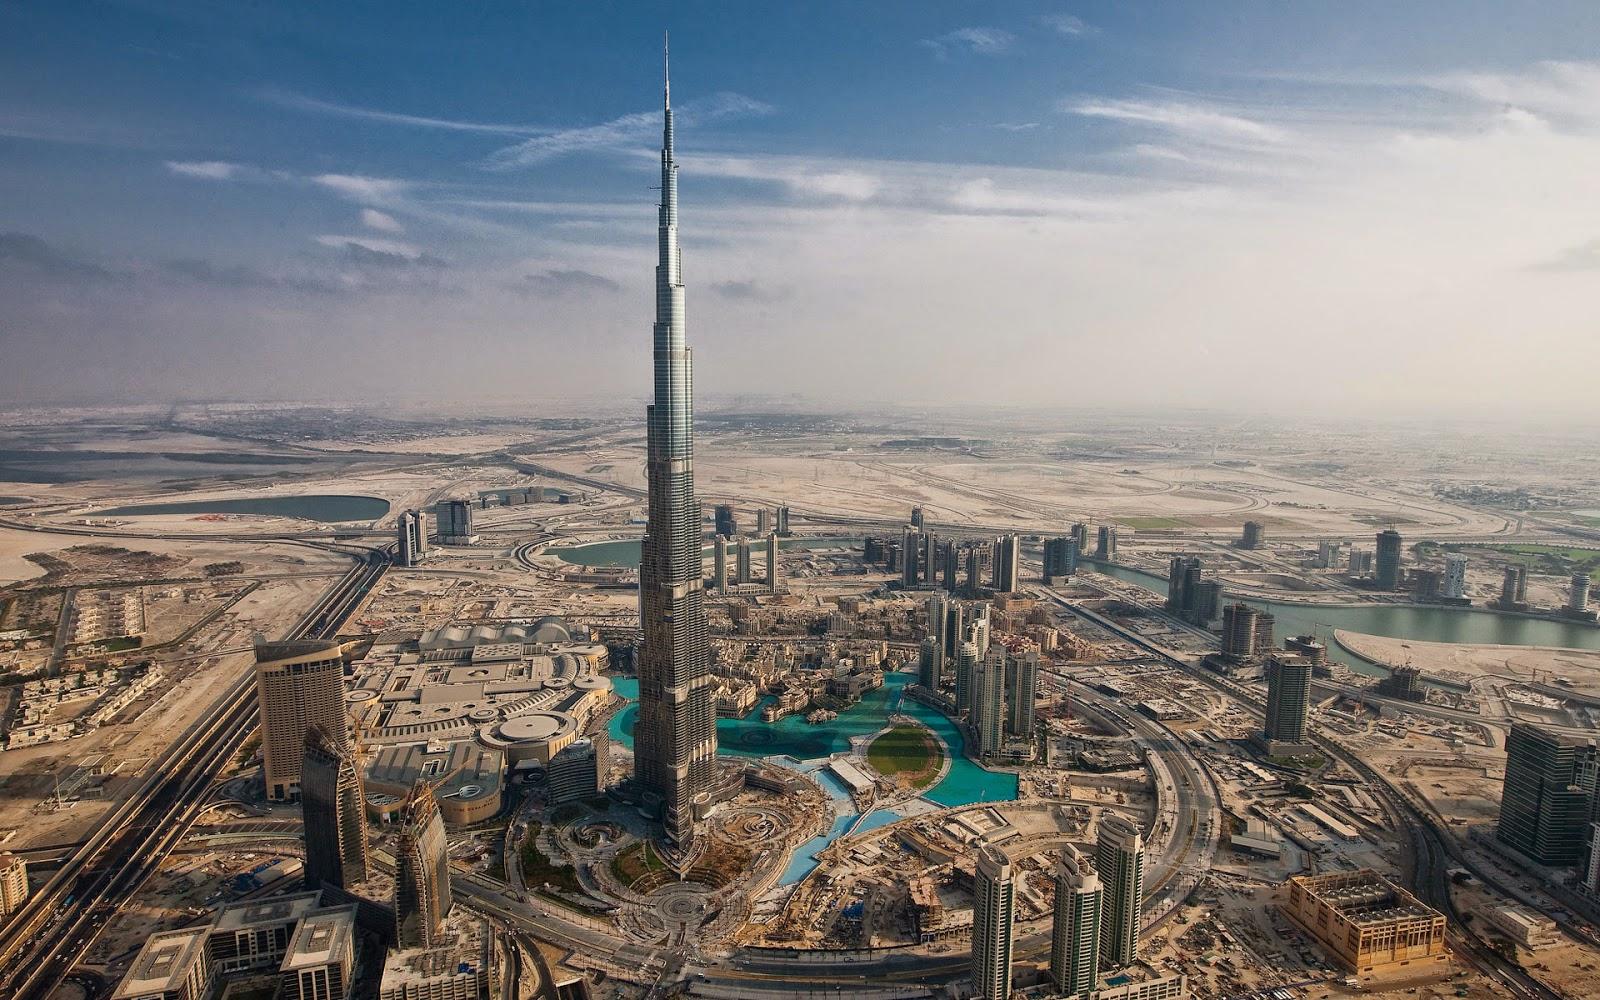 Daftar 10 Gedung Tertinggi di Dunia